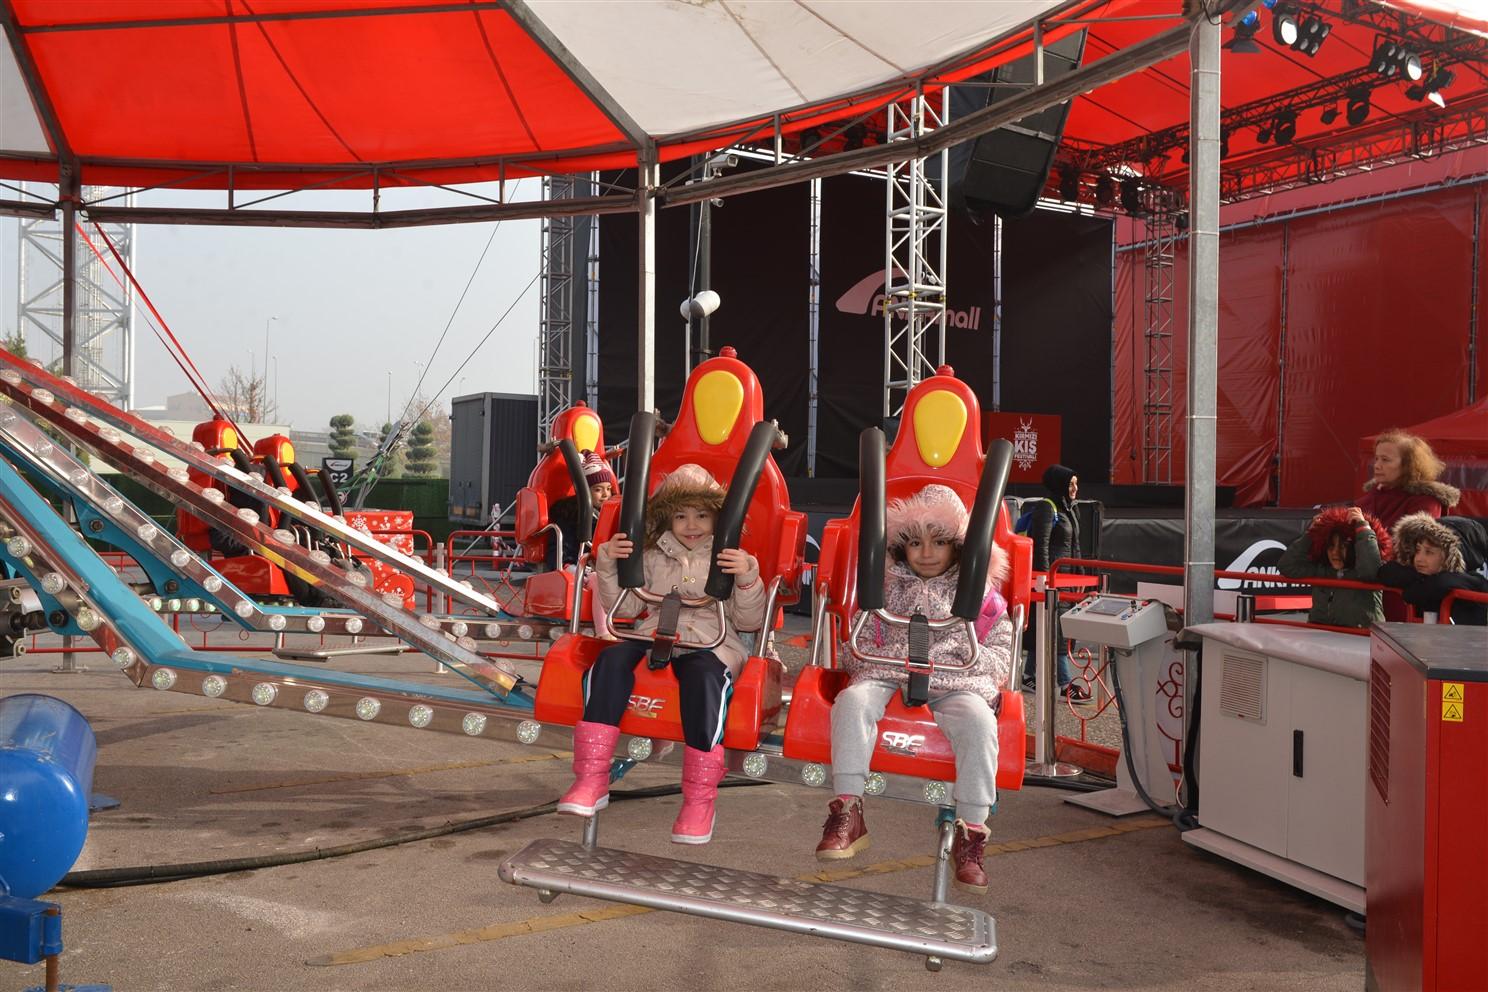 Çocuklar Kırmızı Kış Festivali'ne akın ediyor